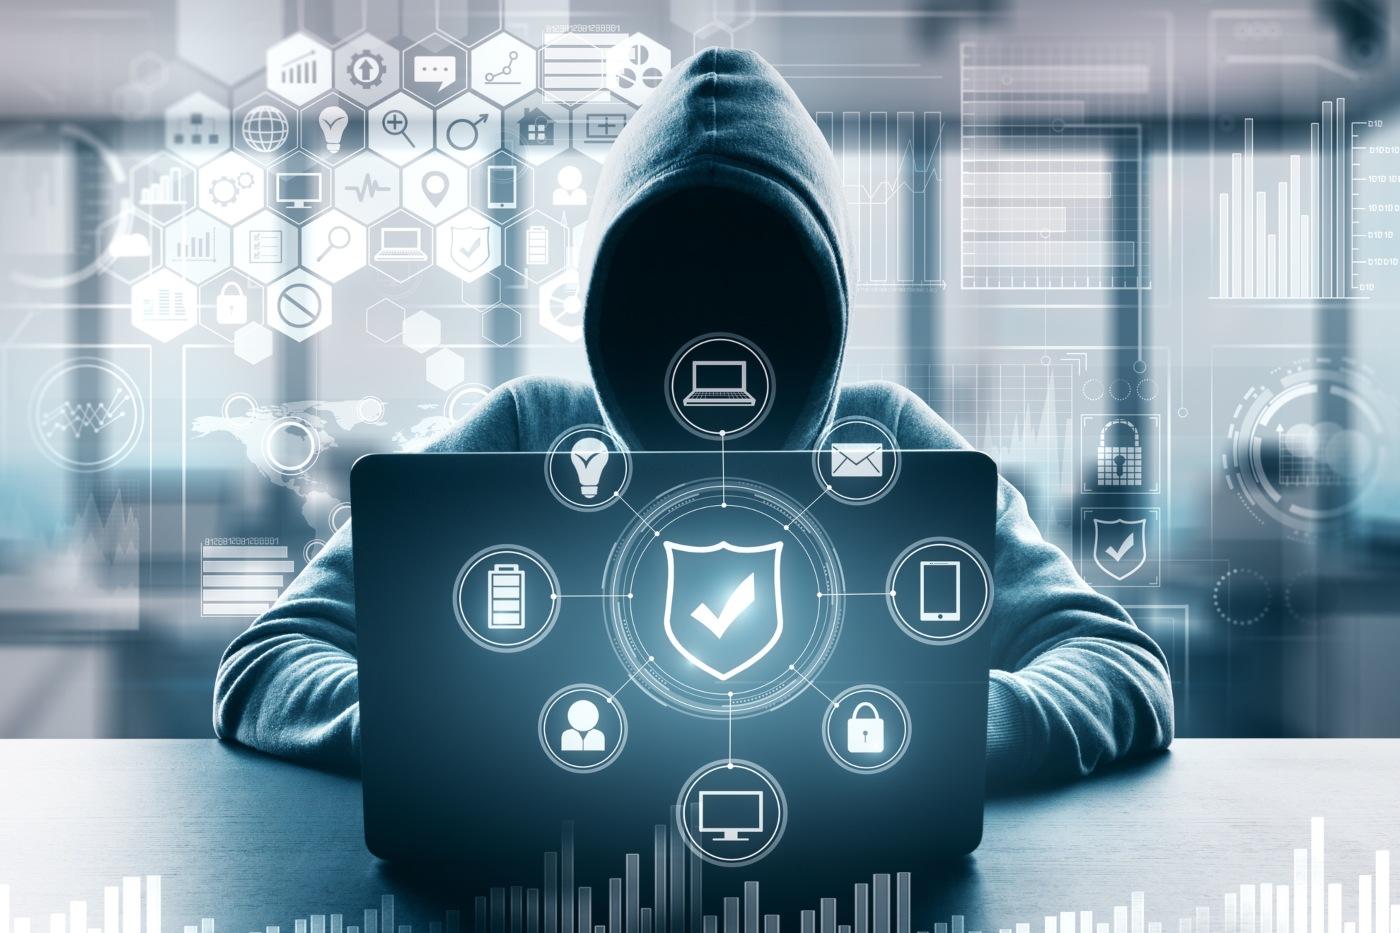 pirataria e roubo de dados